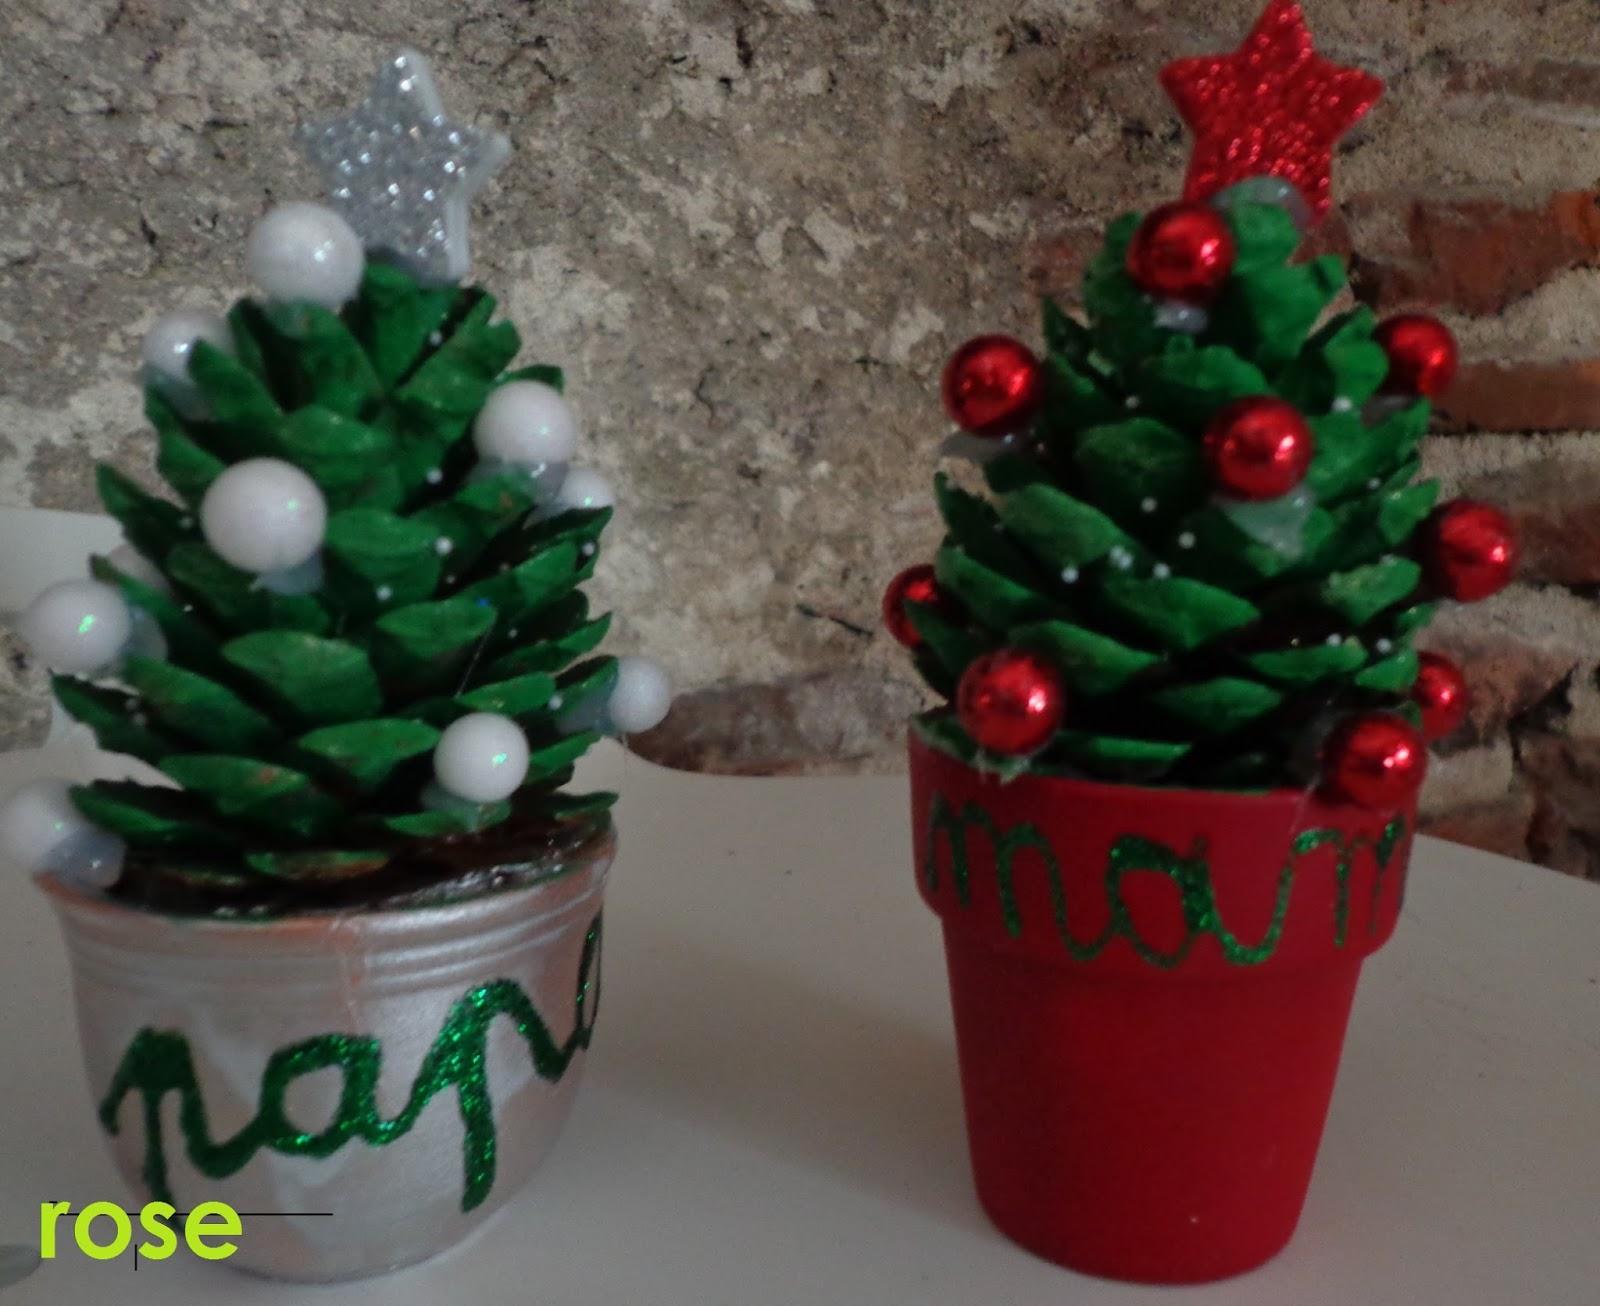 Atelier de christelle couronne de no l sapin en pomme de pin rennes du pere no l - A fleur de pot rennes ...